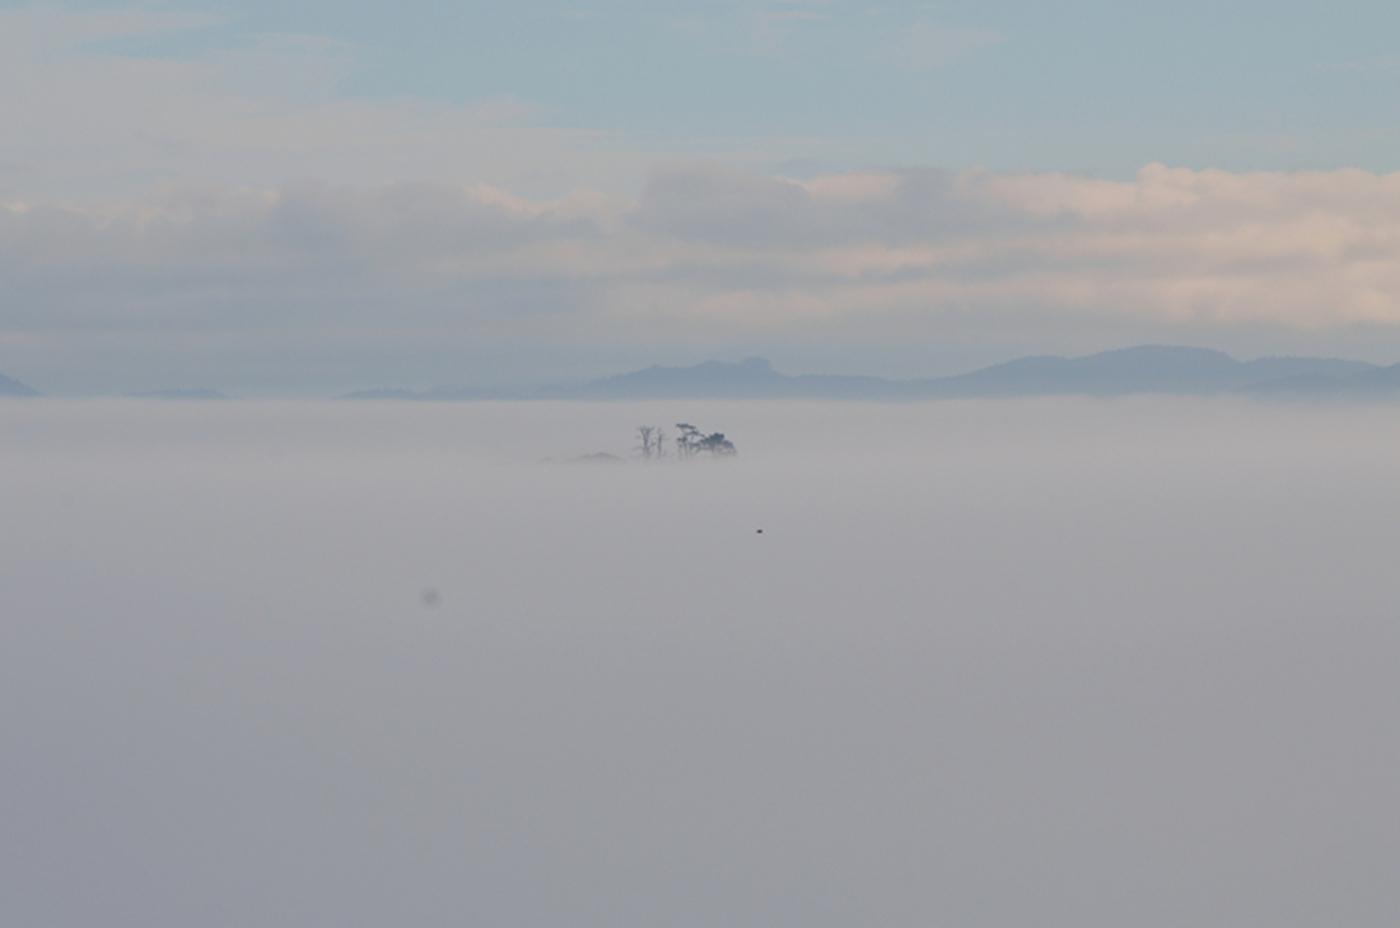 阿拉斯加,那山、那水、那人……_图1-1